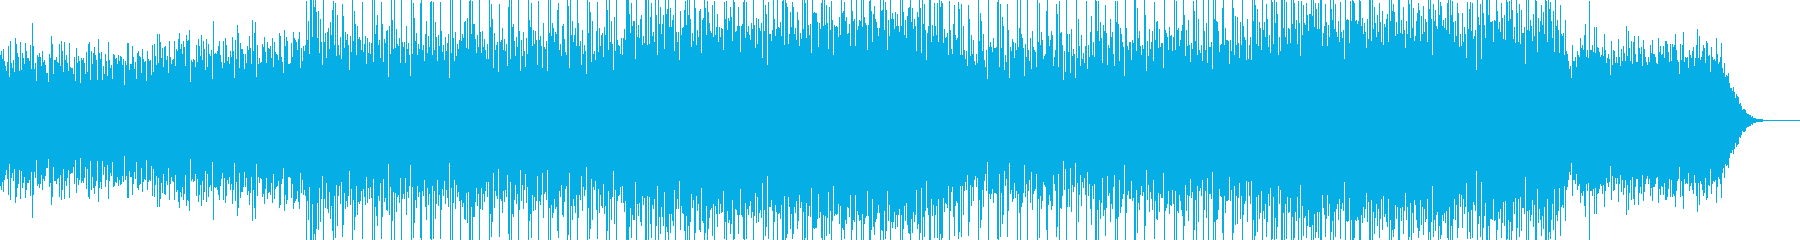 オープニング企業VPイベント-06の再生済みの波形